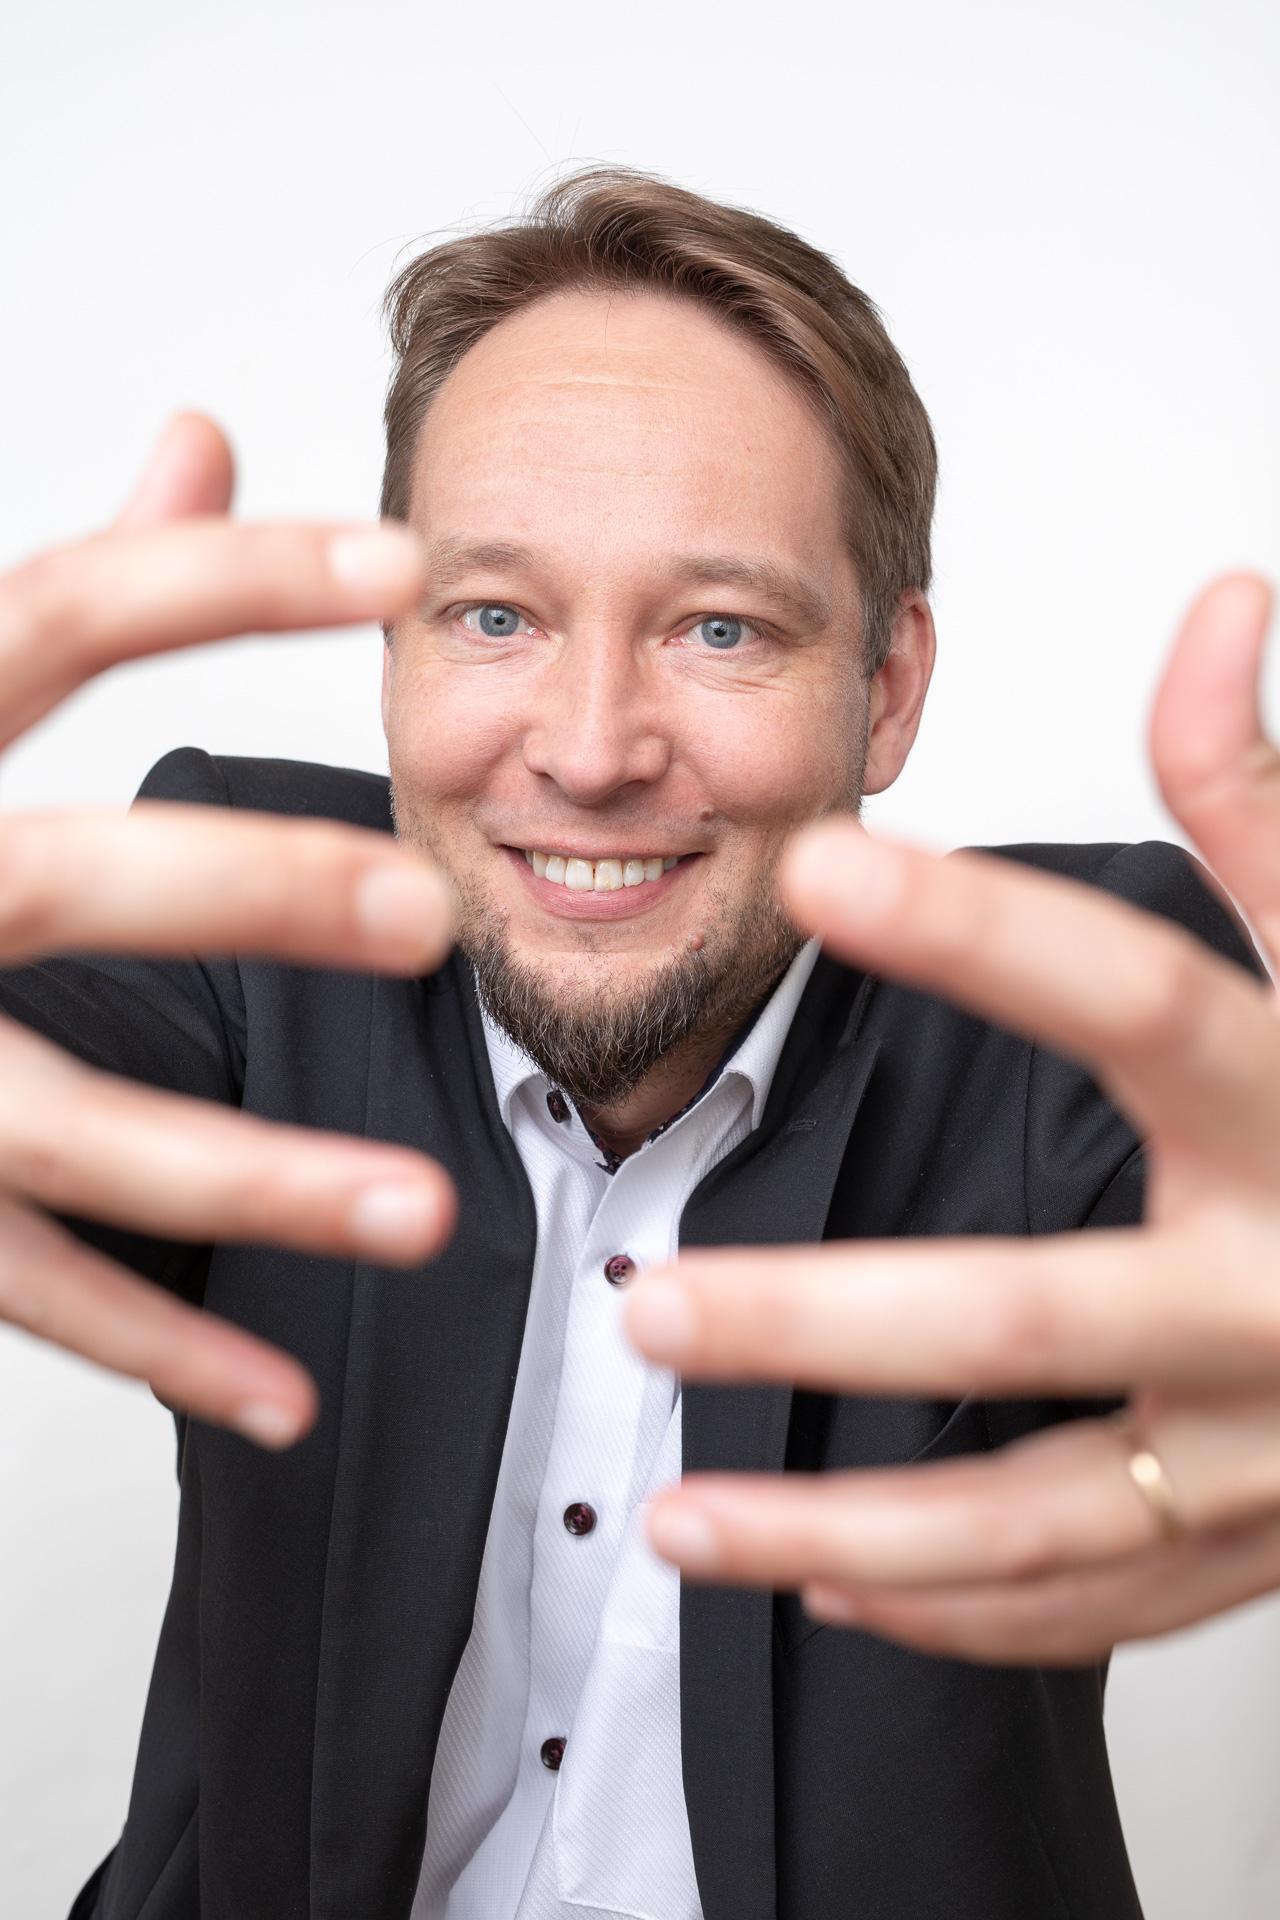 Pete Saarnivaara